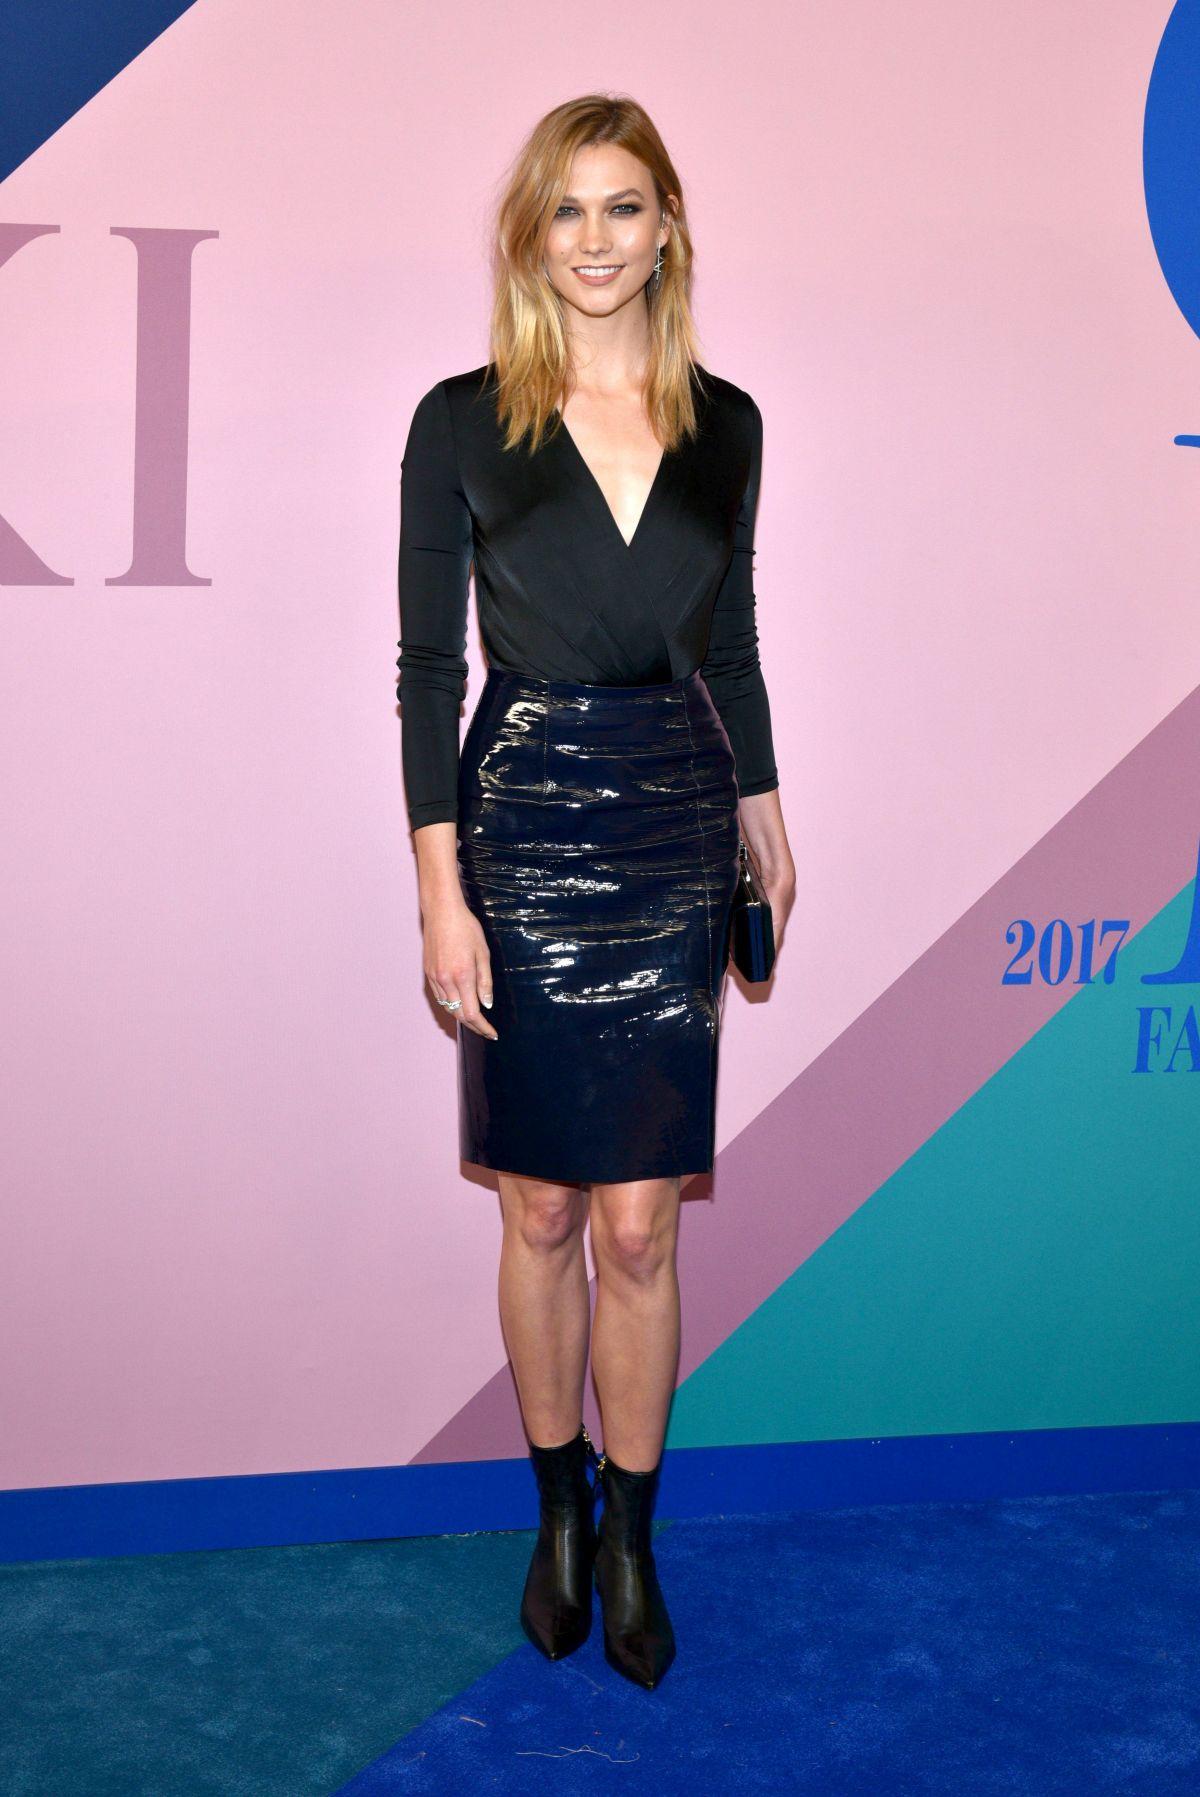 KARLIE KLOSS at CFDA Fashion Awards in New York 06/05/2017